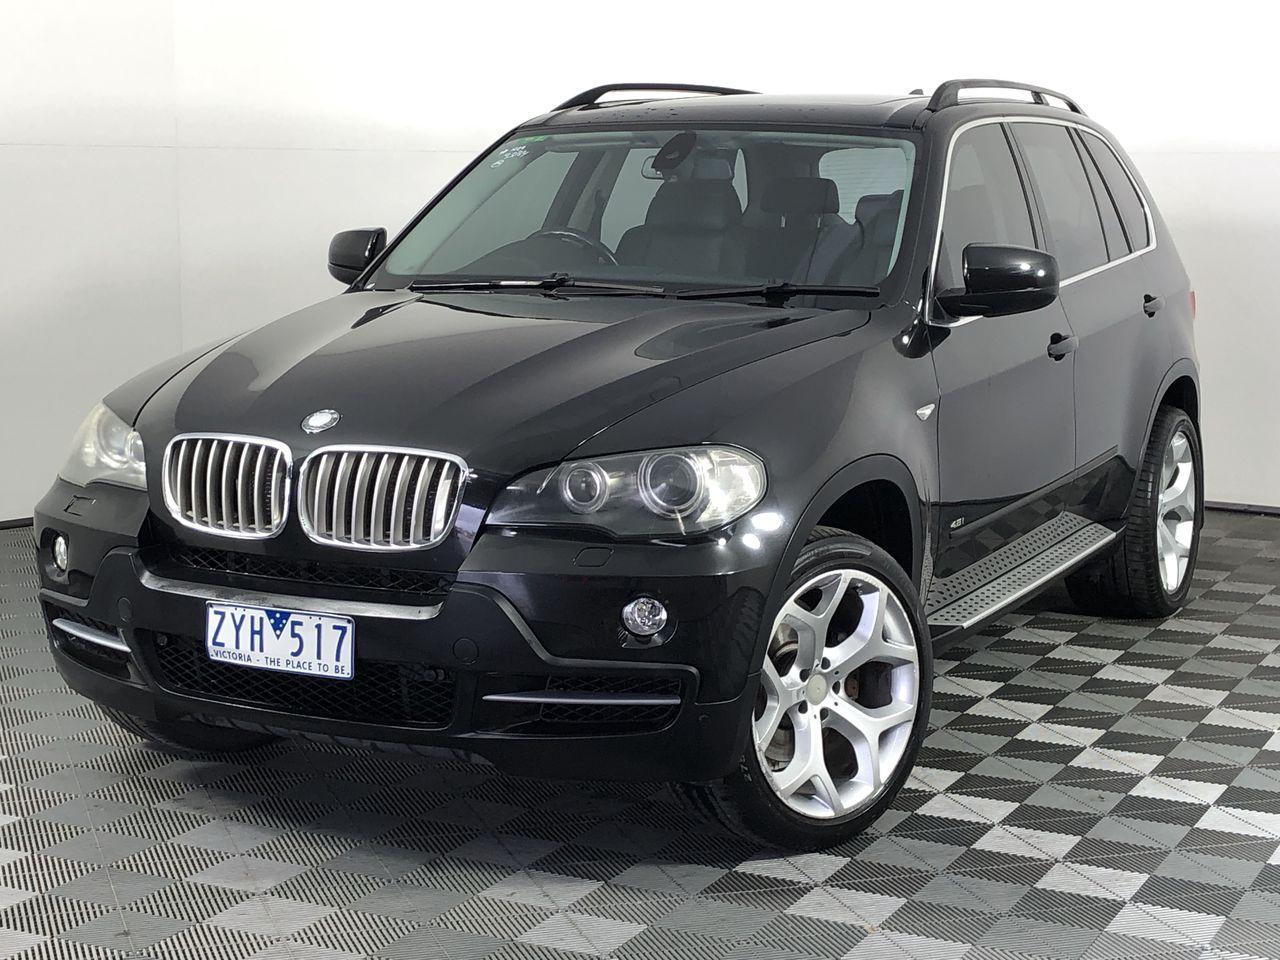 2007 BMW X5 4.8i E70 Automatic 7 Seats Wagon